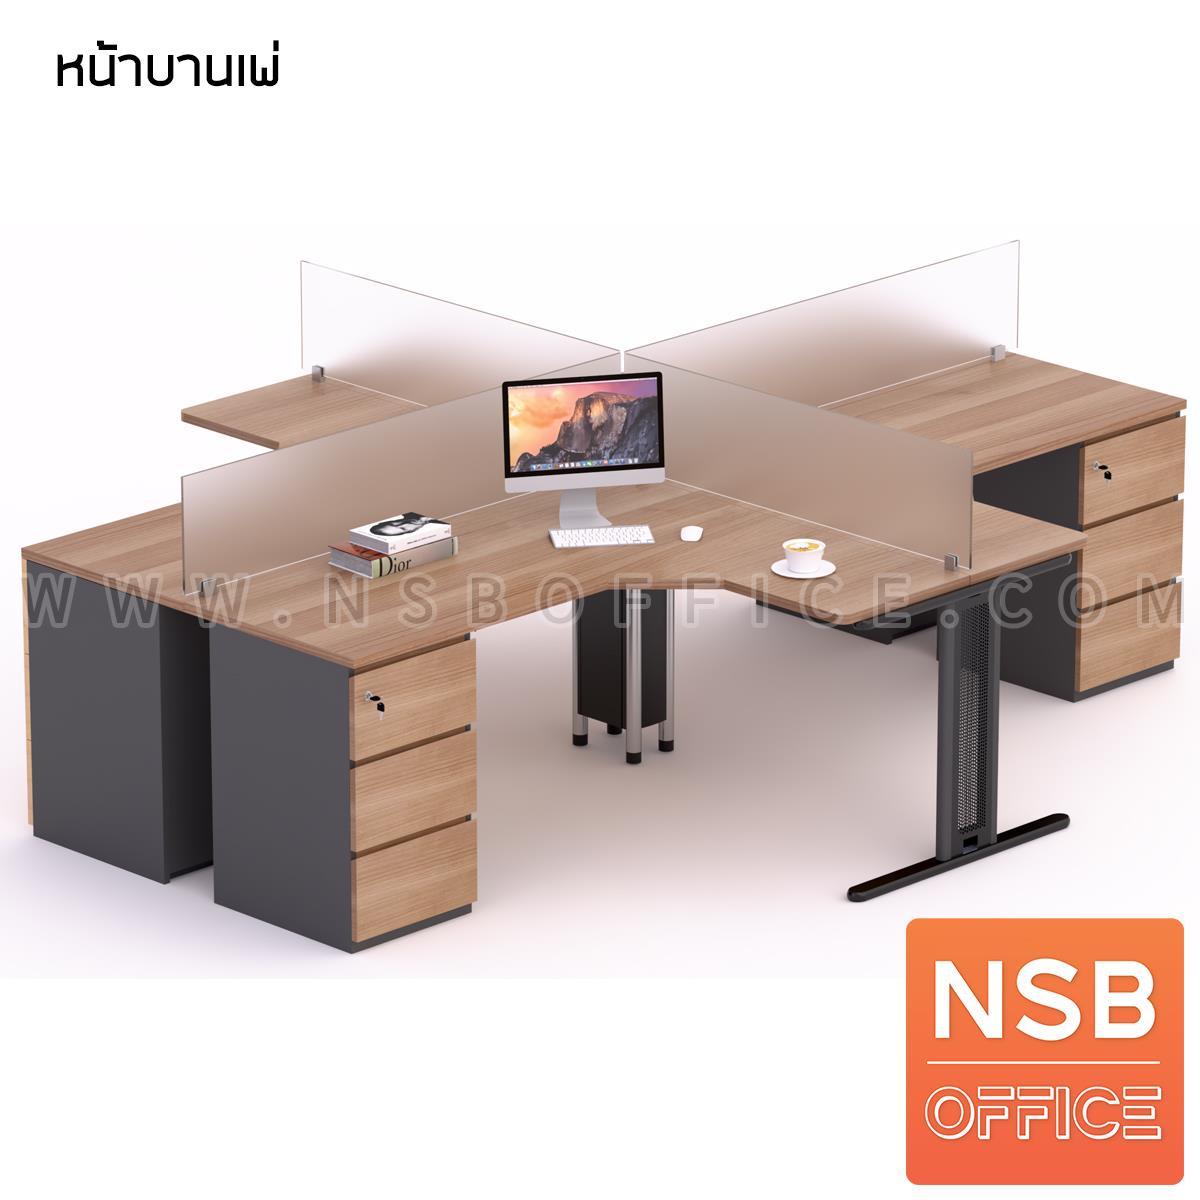 ชุดโต๊ะทำงานกลุ่มตัวแอล 4 ที่นั่ง   ขนาด 150W1*120W2 cm. ต่อที่นั่ง พร้อม 3 ลิ้นชัก